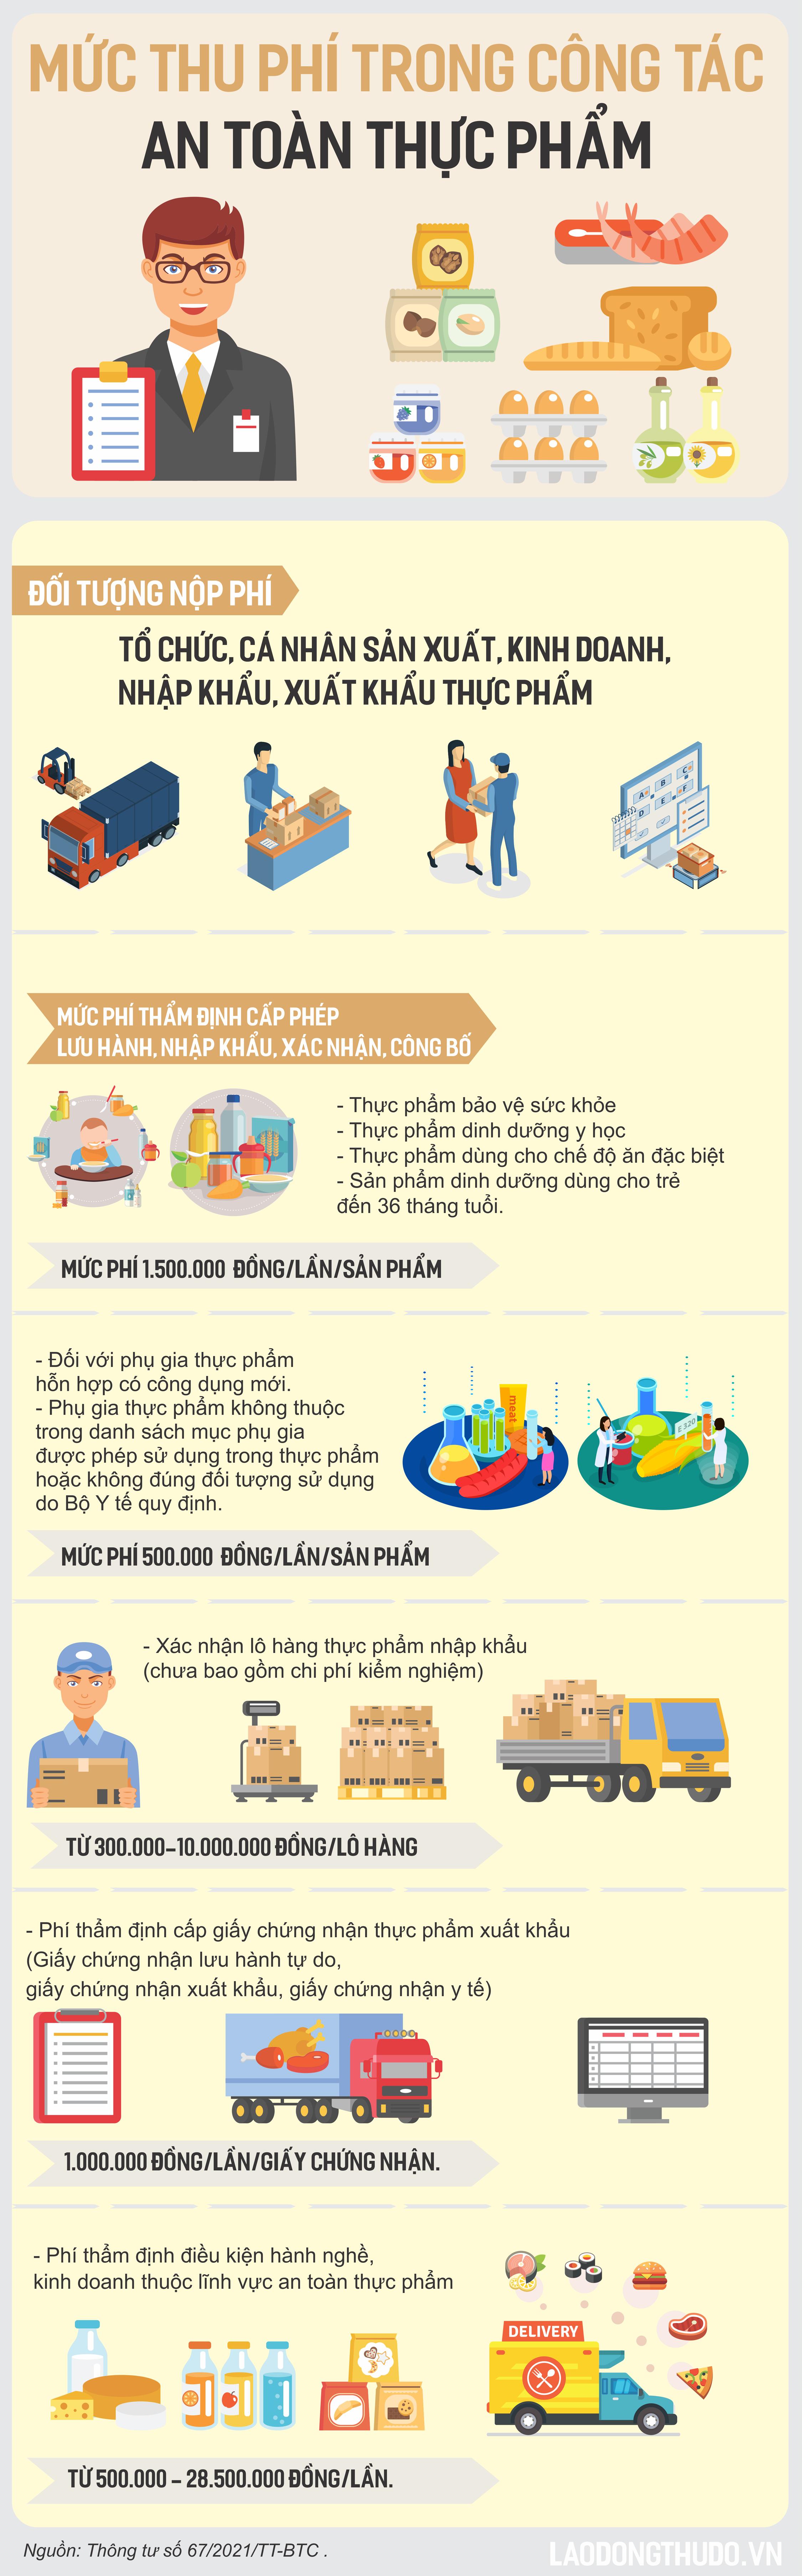 Infographic: Mức thu phí trong công tác an toàn thực phẩm